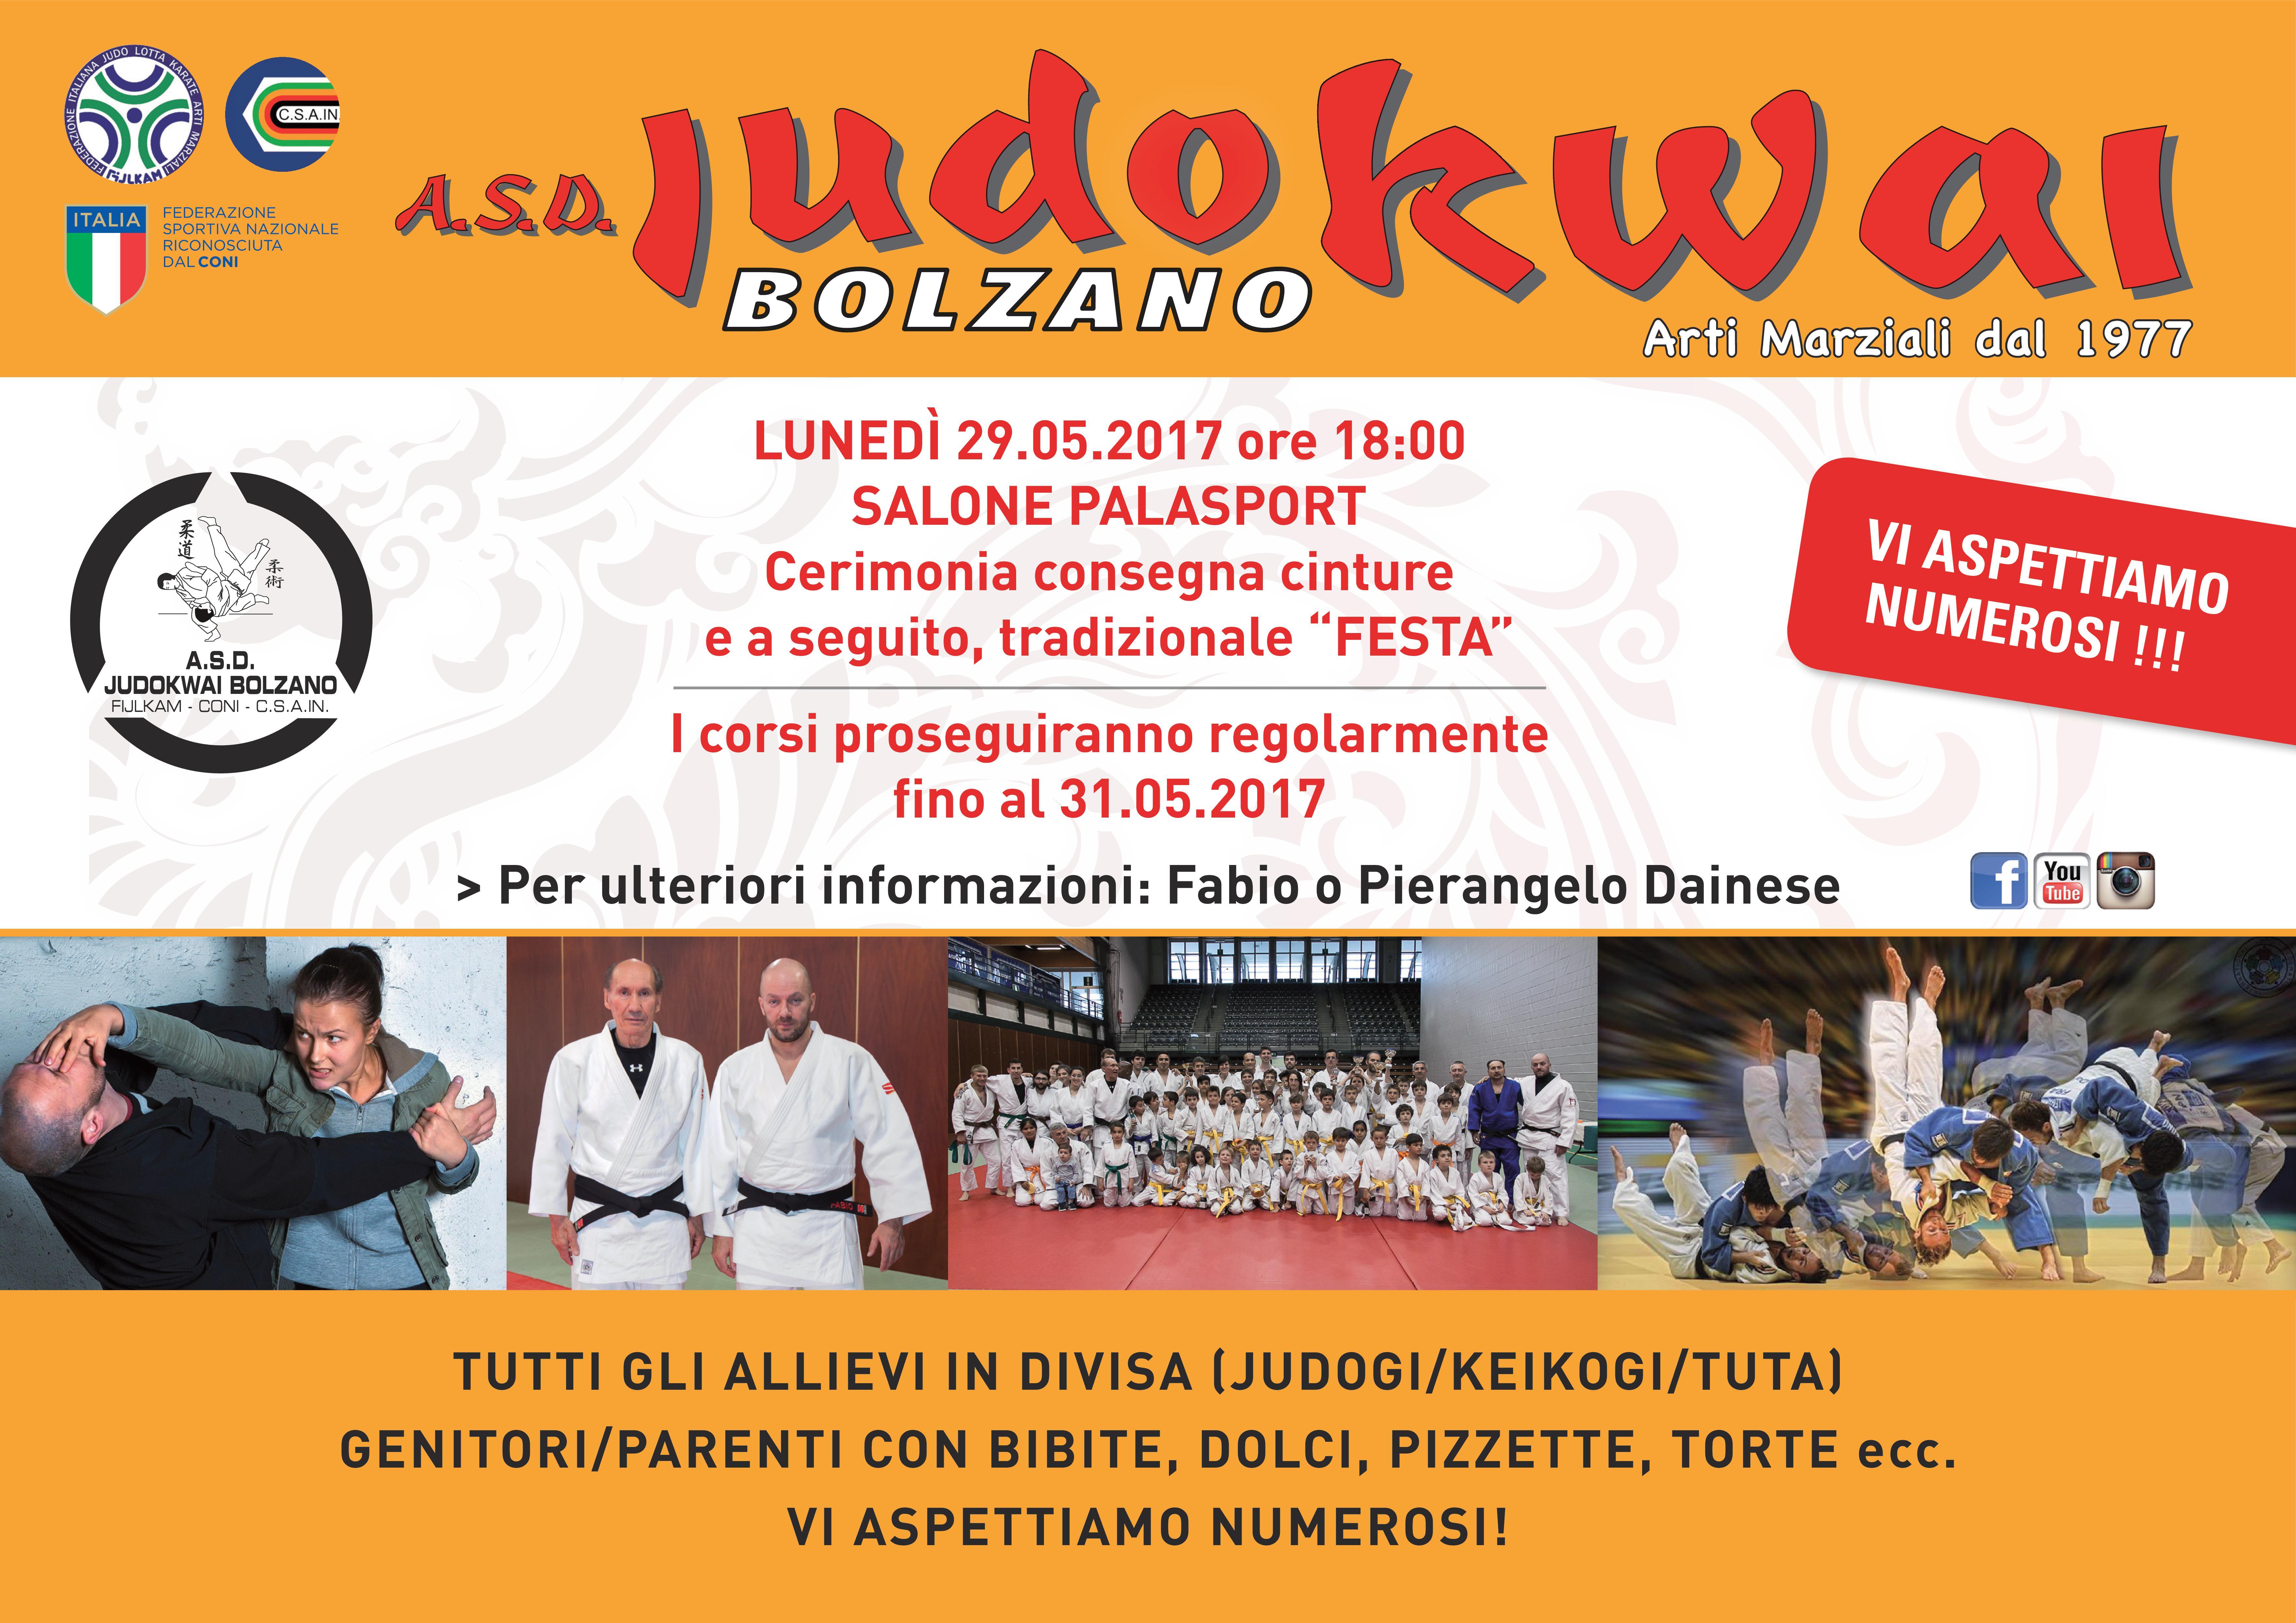 A.S.D. Judokwai Bolzano   Cerimonia consegna Cinture 2016_2017 e tradizionale Festa